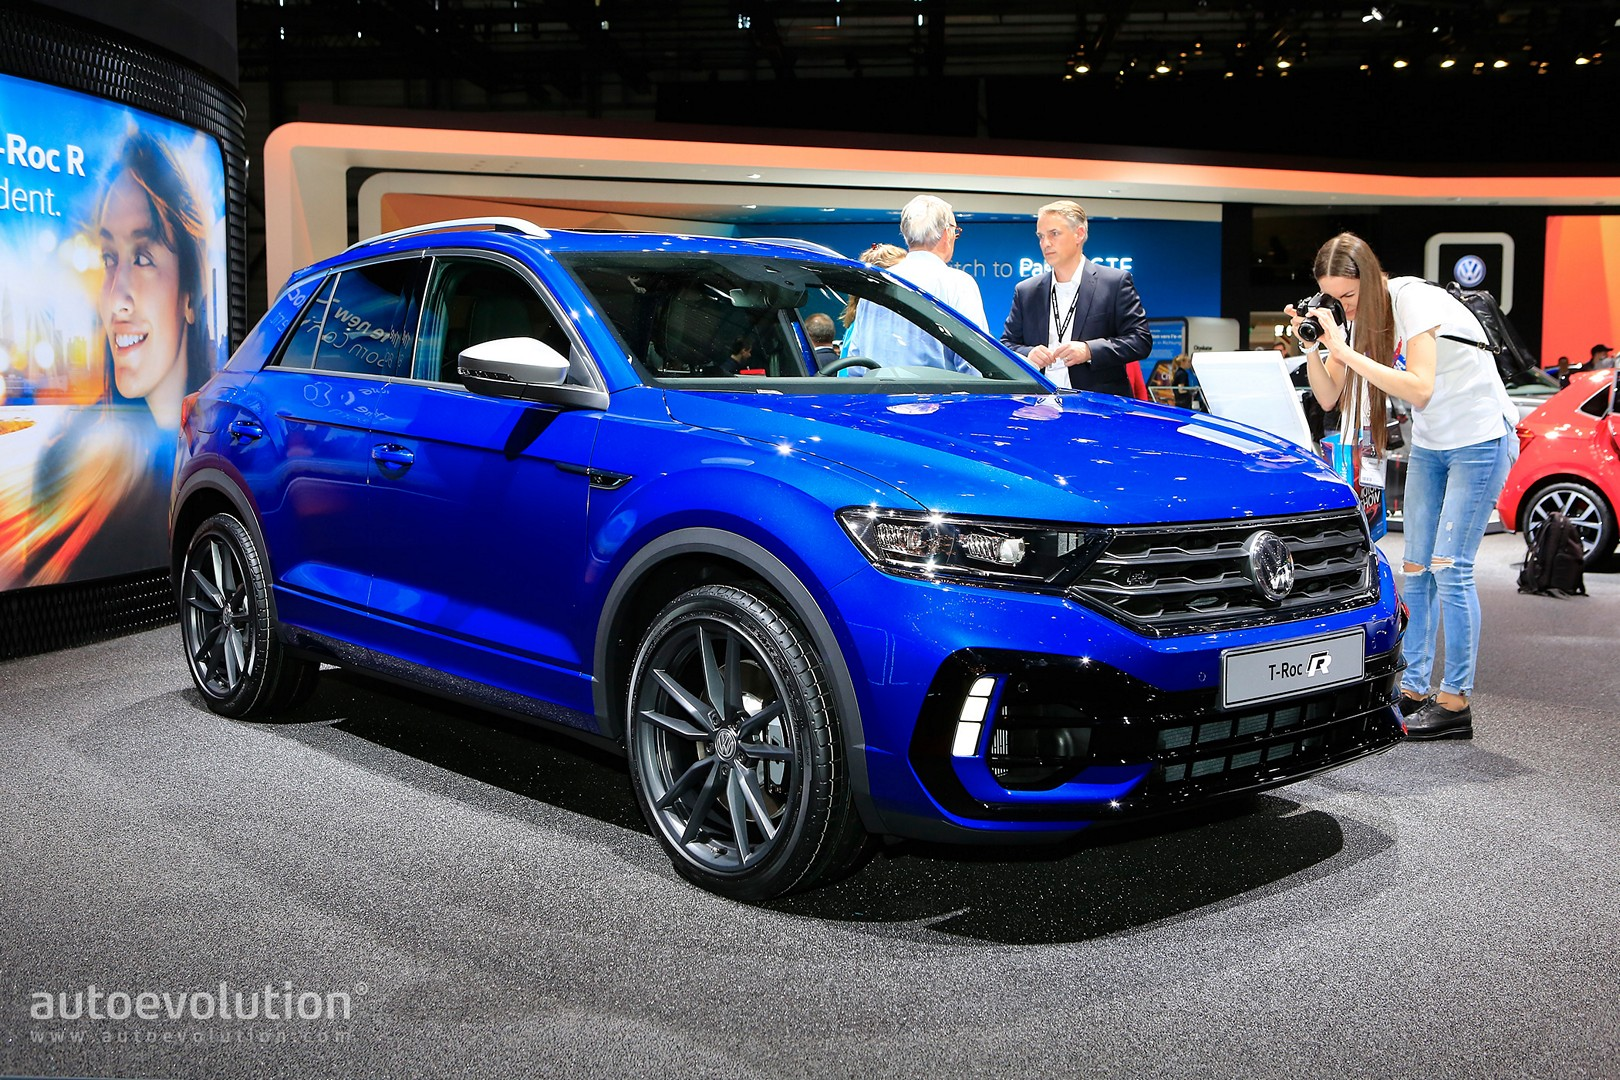 ABS Chrom T/ürgriff Sch/üssel T/ürgriffabdeckung Schutzverkleidung Auto Styling Zubeh/ör vitesurz F/ür VW T ROC TROC 2017 2018 2019